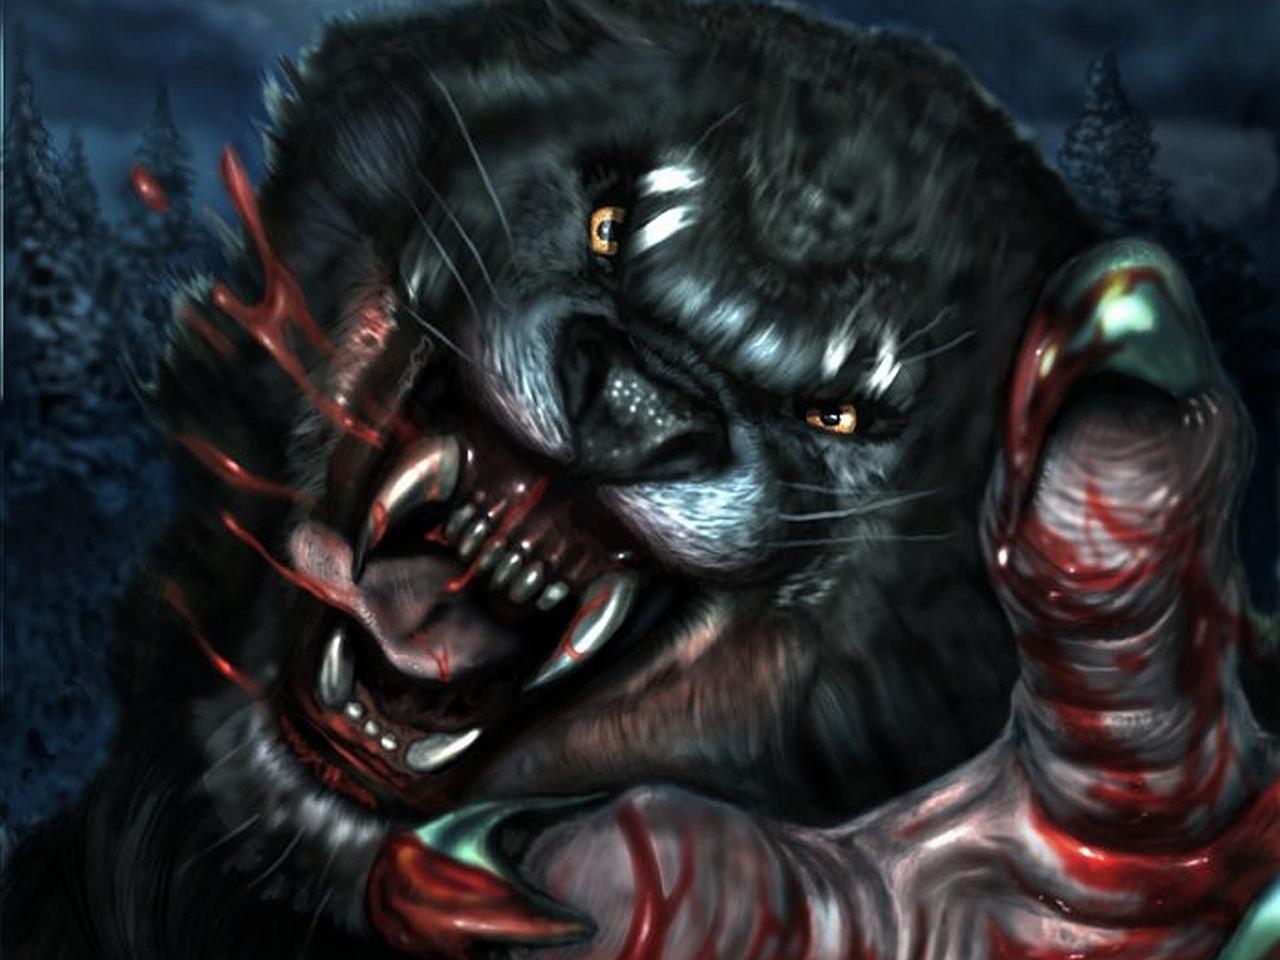 werewolf Wallpaper Background 21758 1280x960